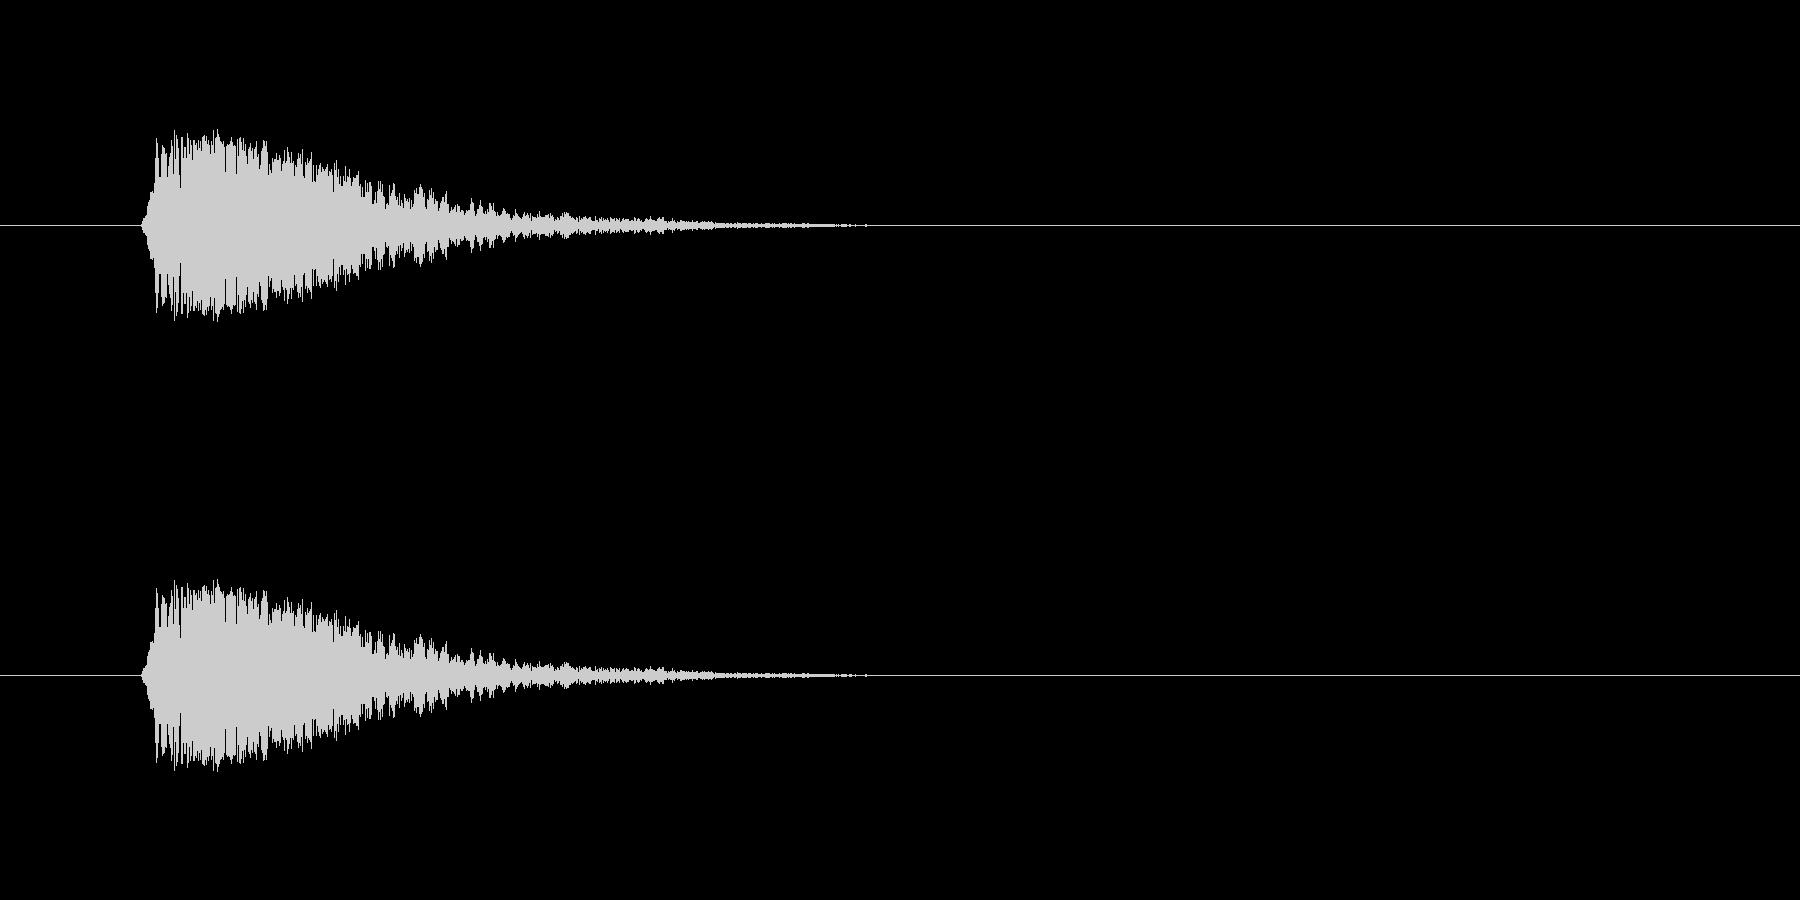 金属音1【キーン】の未再生の波形